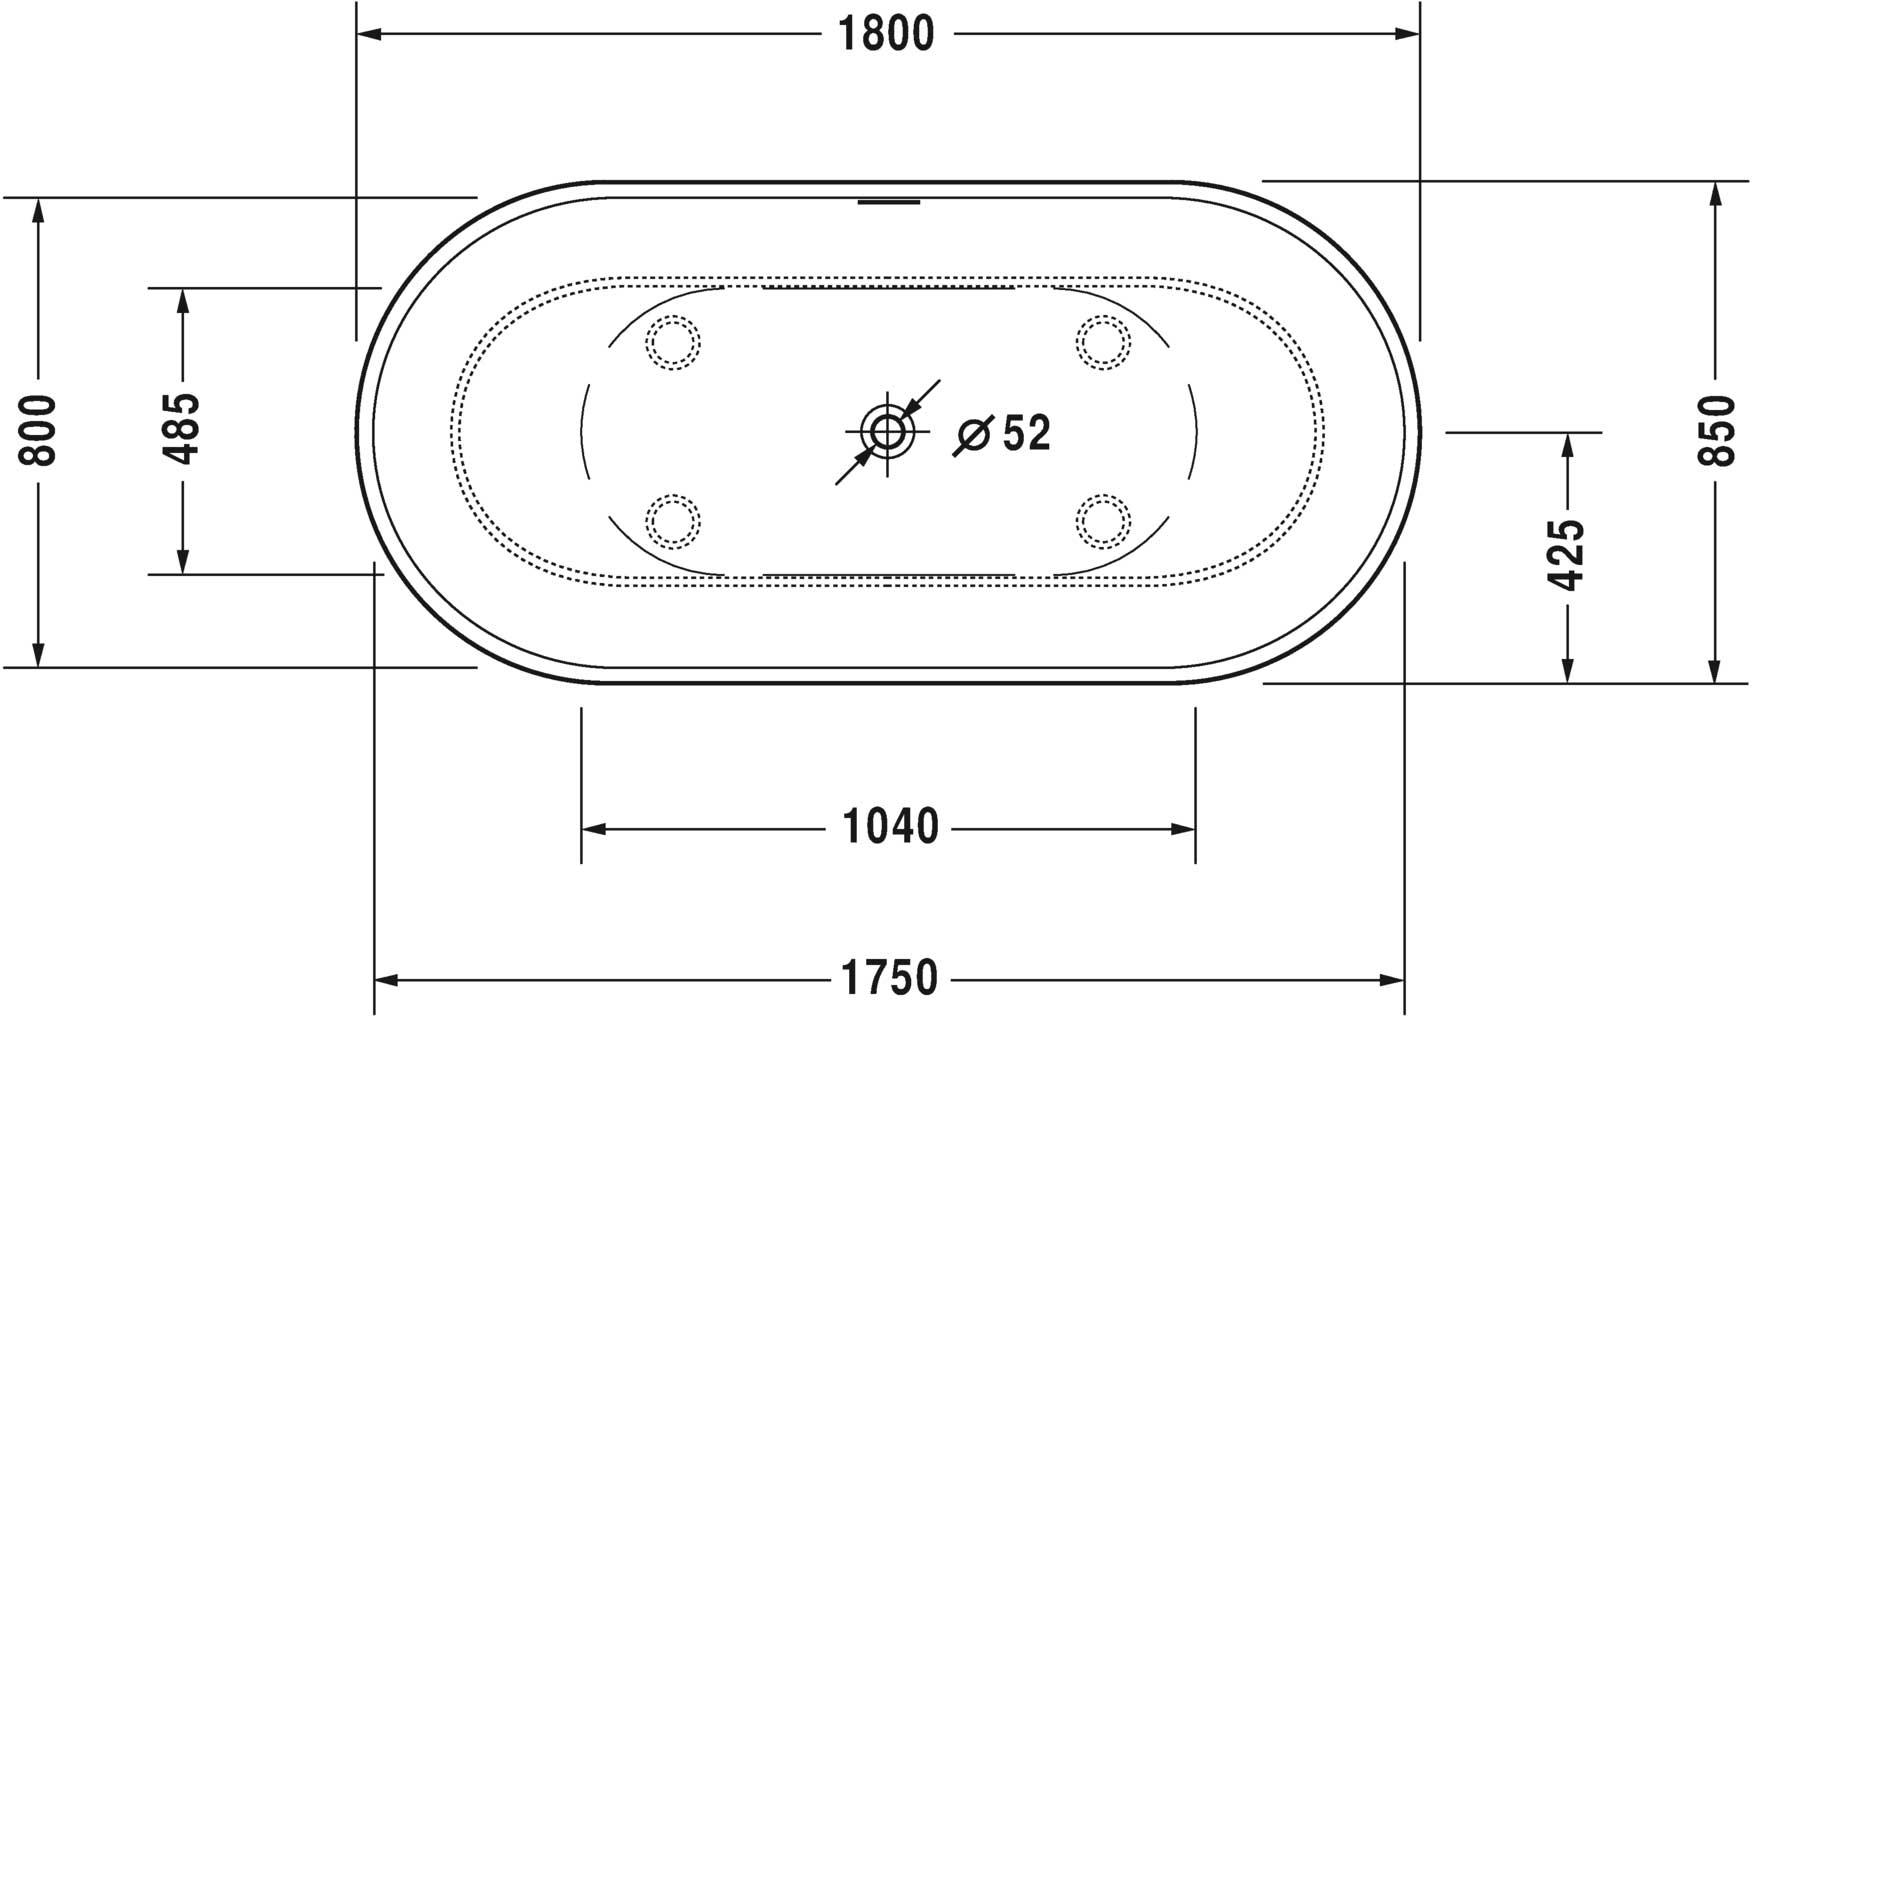 Luv bath tech draw 2